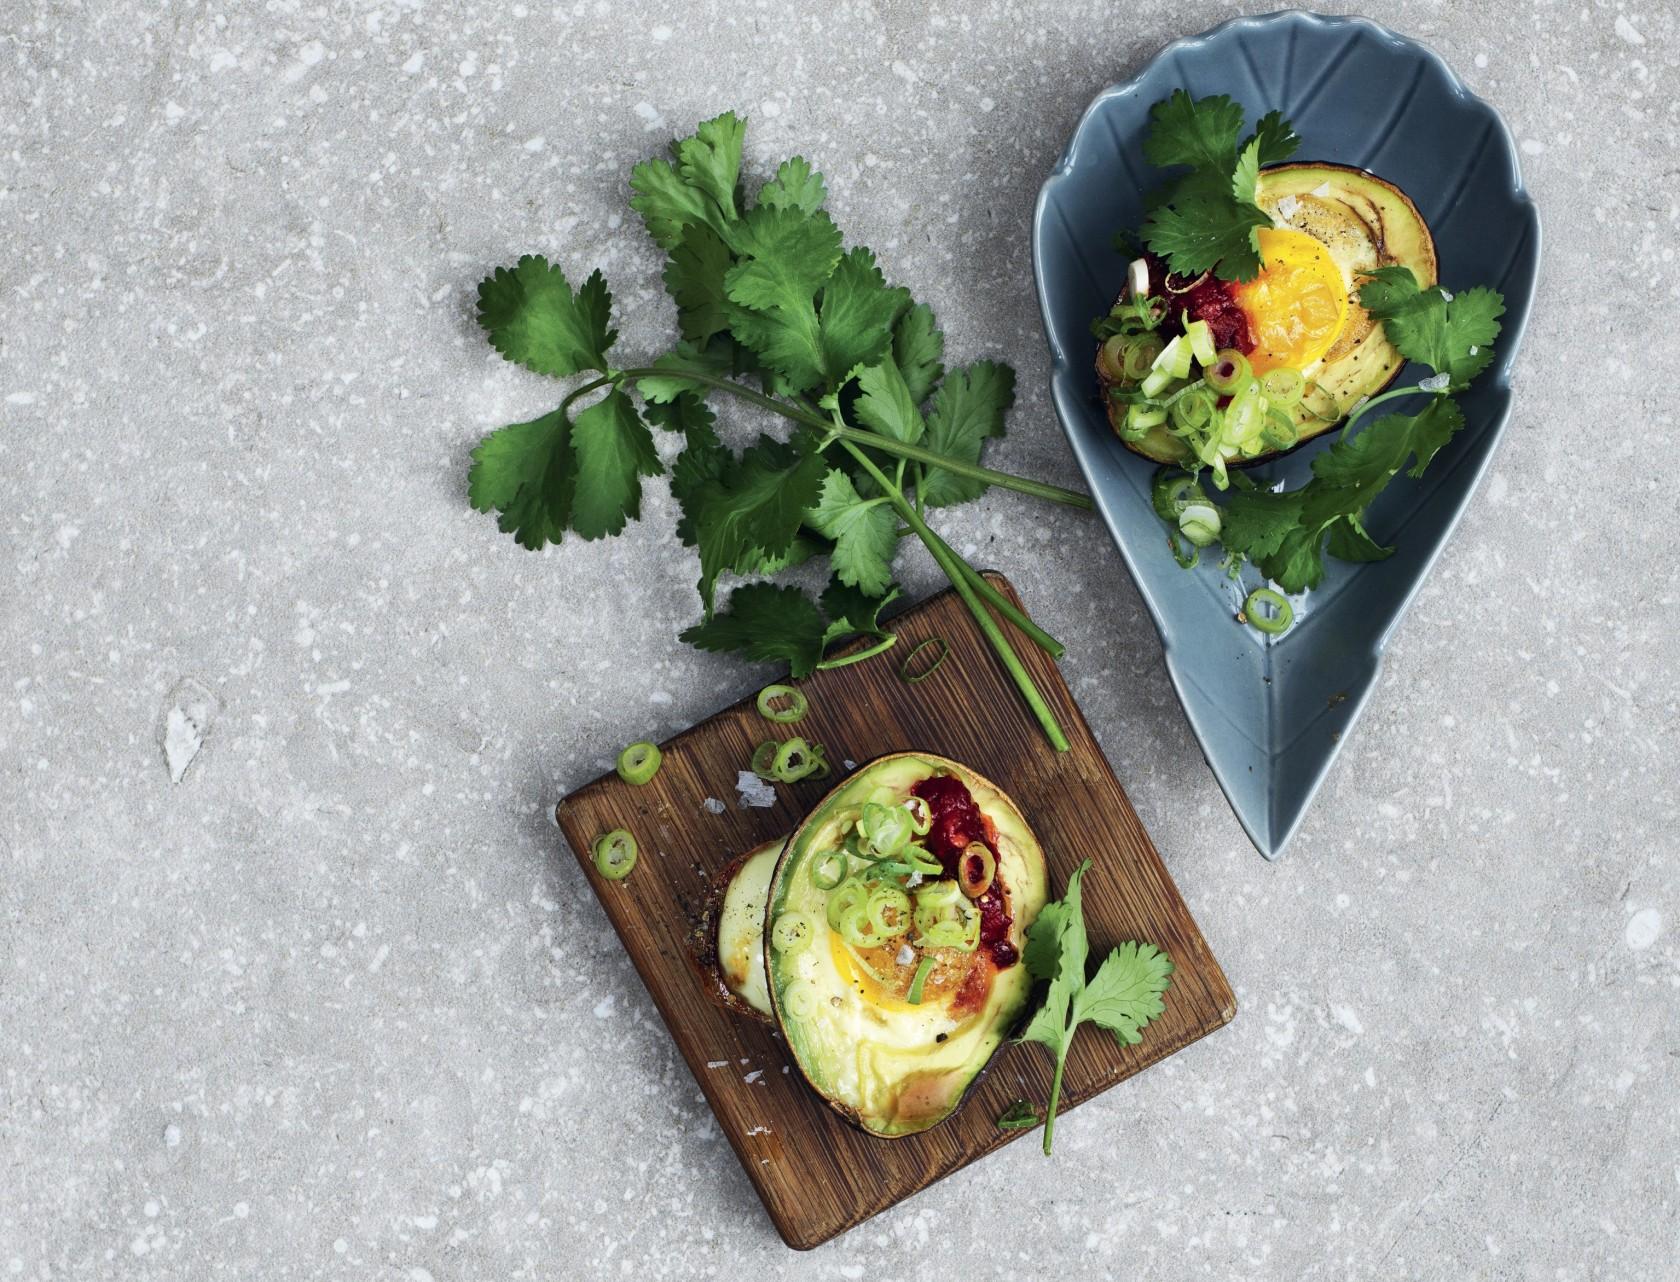 Bagt avocado med æg - nem og lækker opskrift på morgenmad eller brunch!